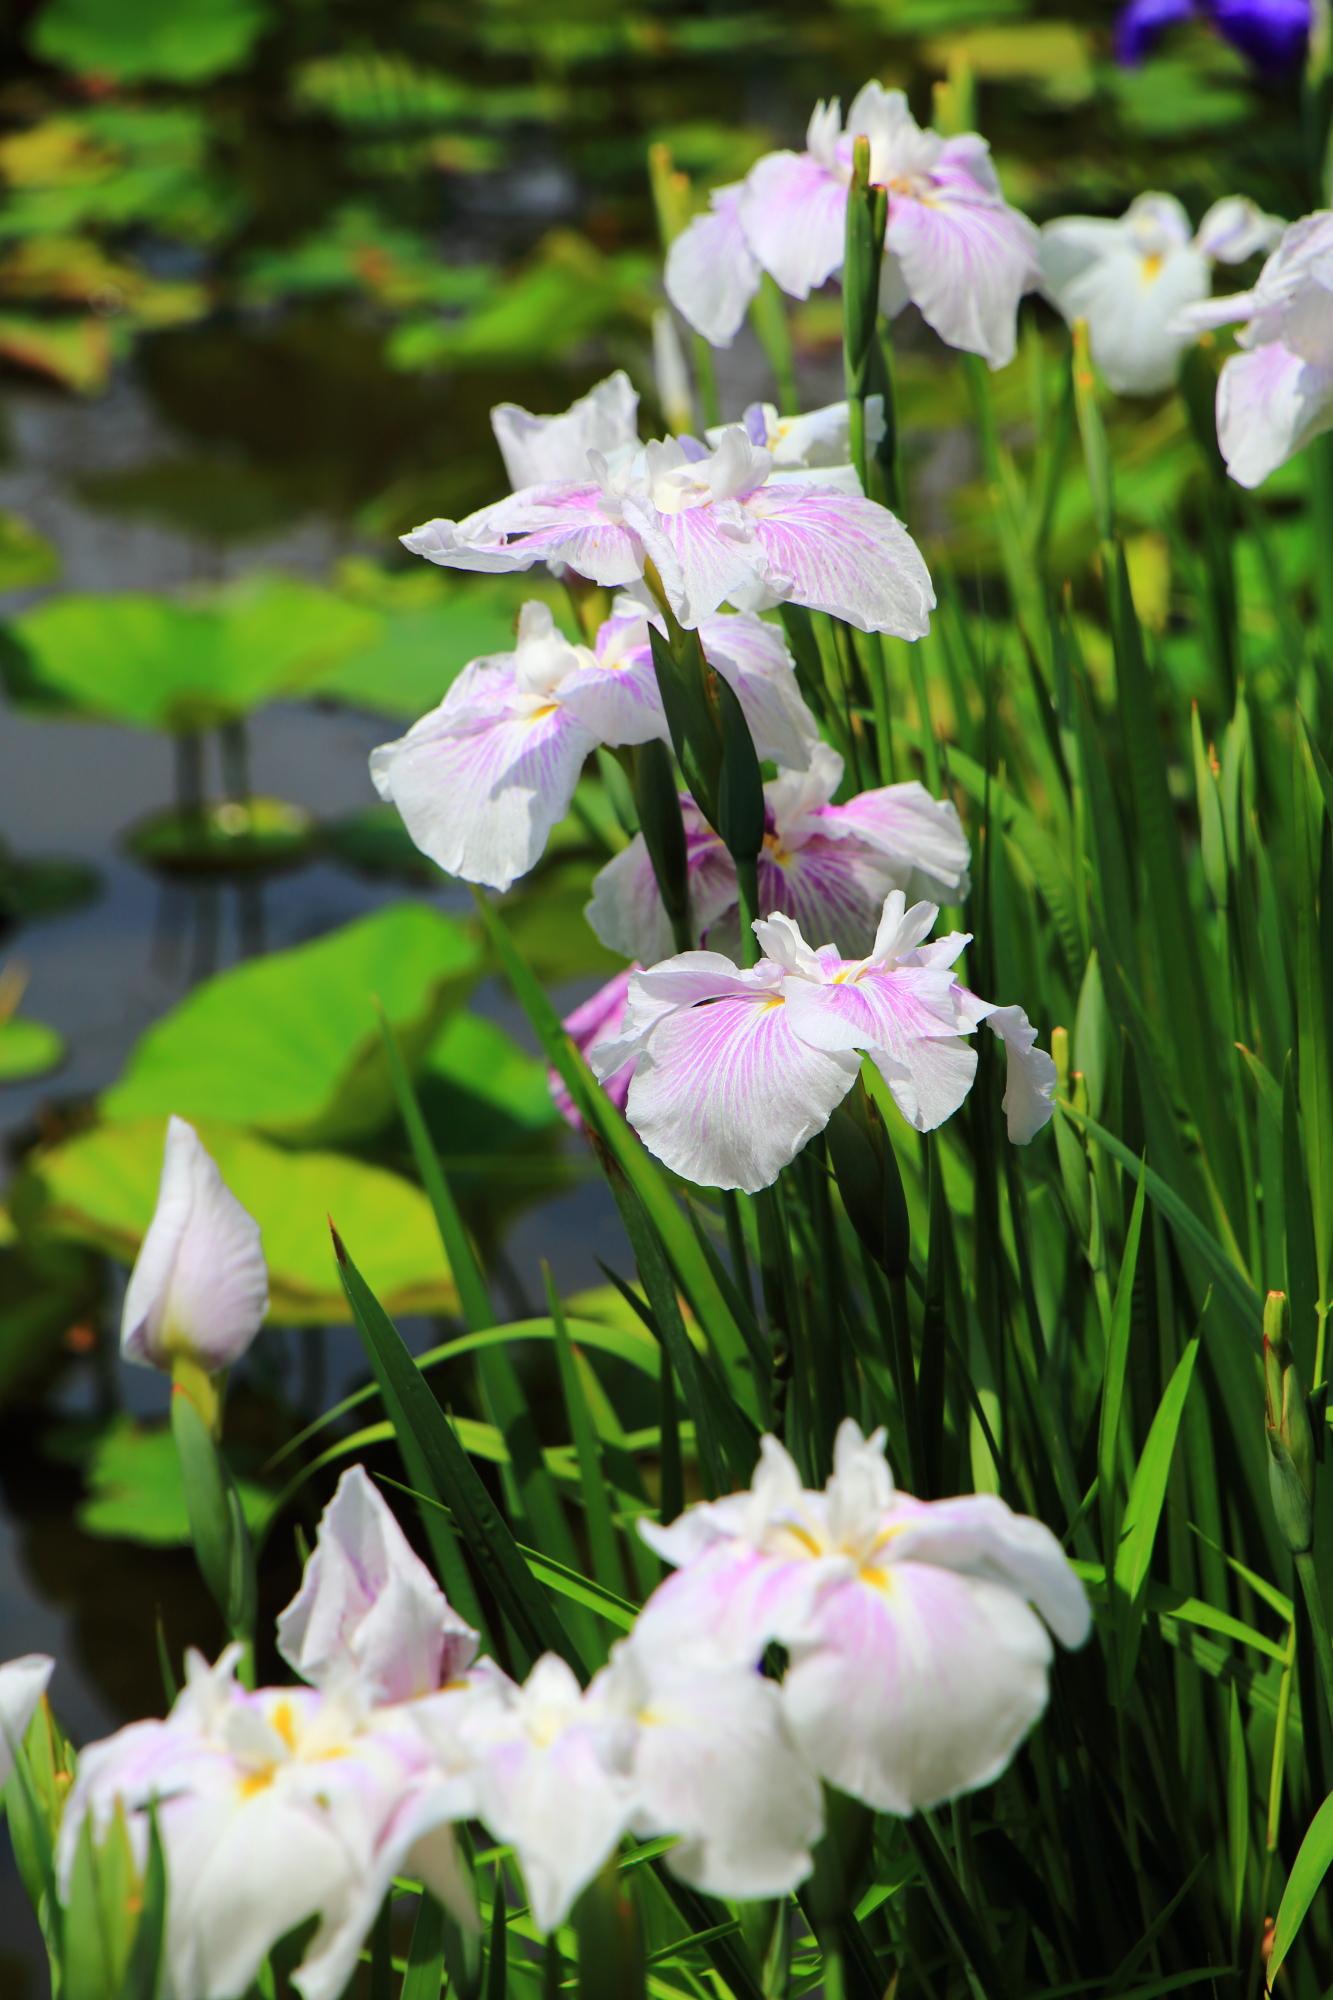 たくさんの花菖蒲で溢れる氷室池